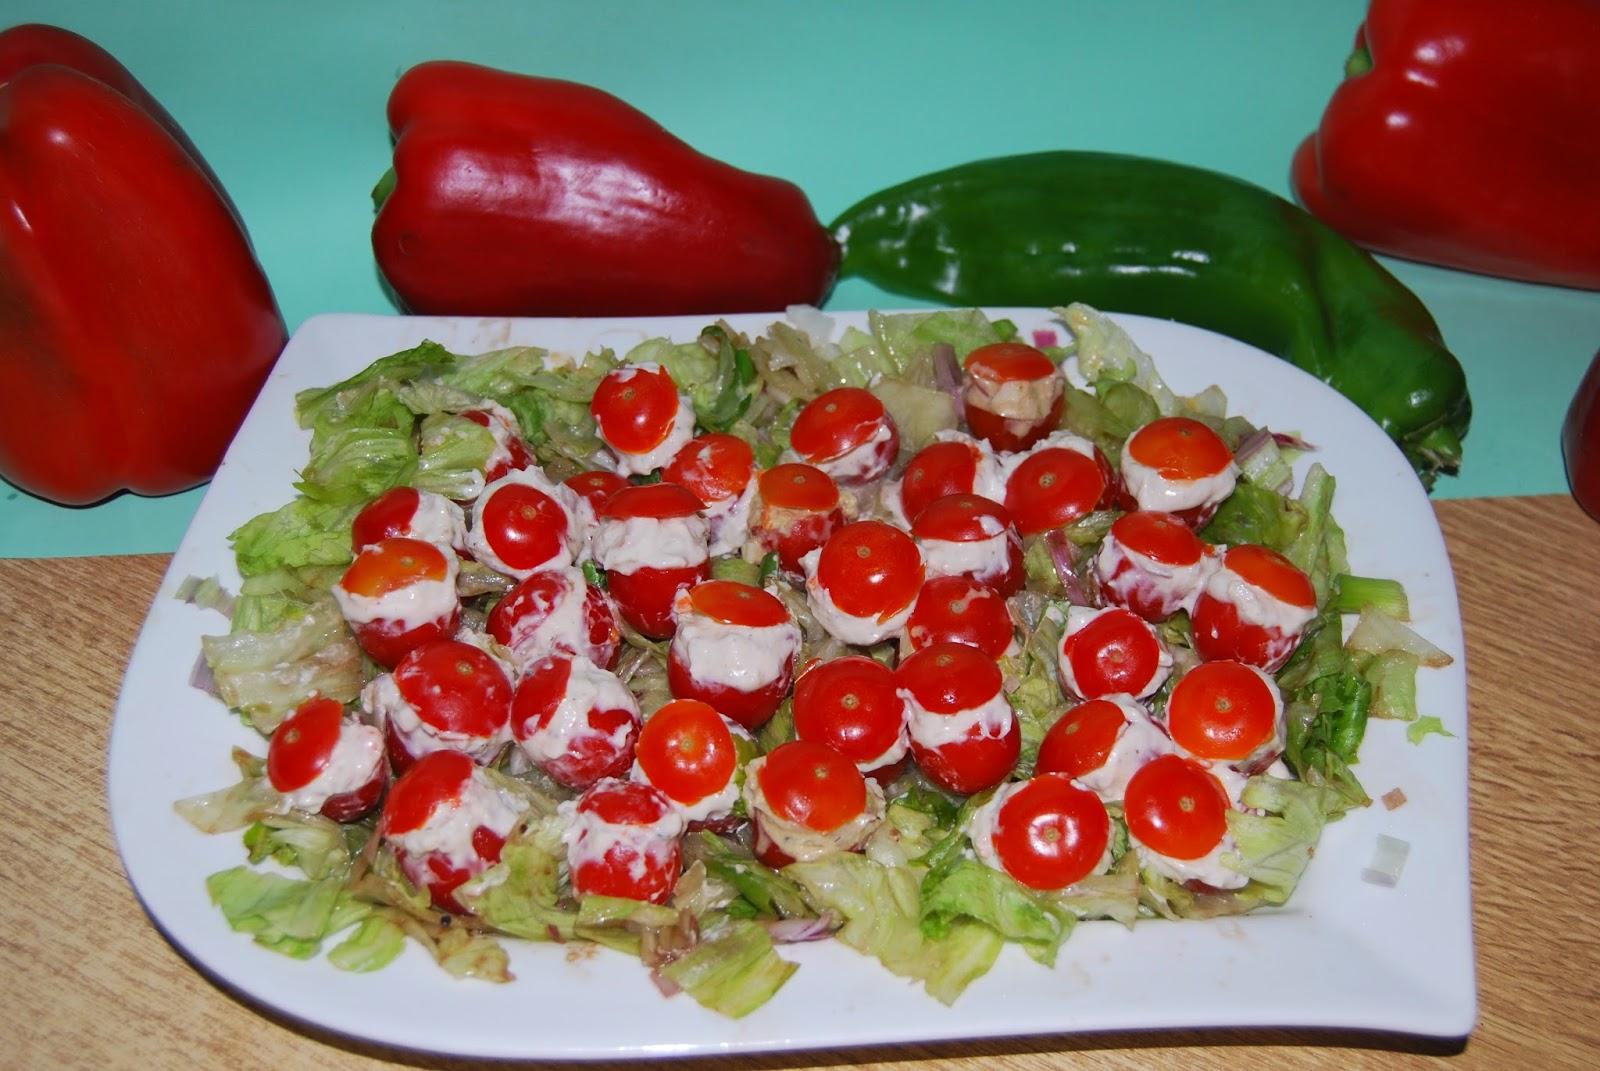 Aprendiz de cocina tomatitos rellenos - Aprendiz de cocina ...